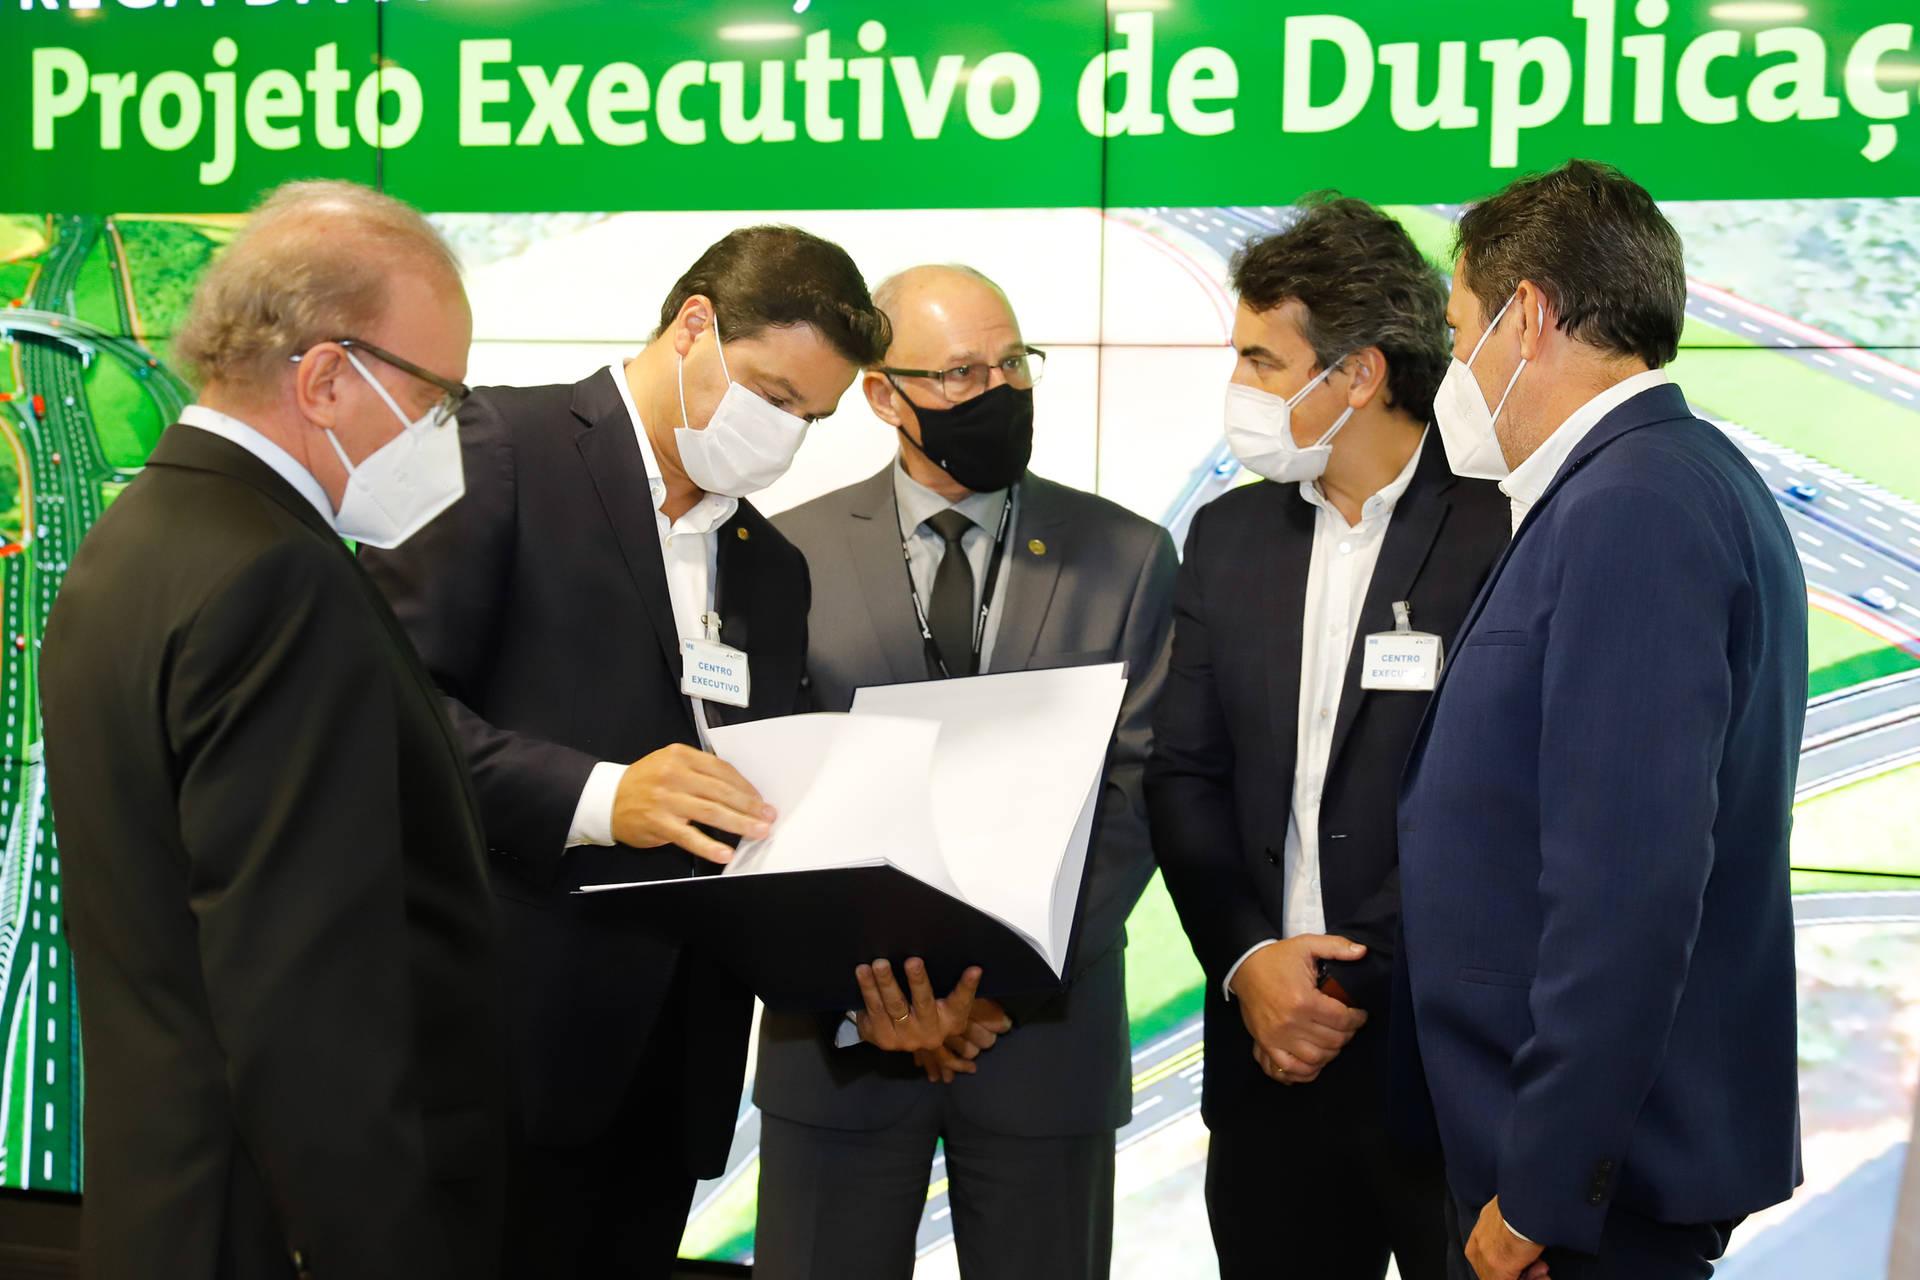 Paraná e Itaipu recebem projeto executivo da duplicação da Rodovia das Cataratas